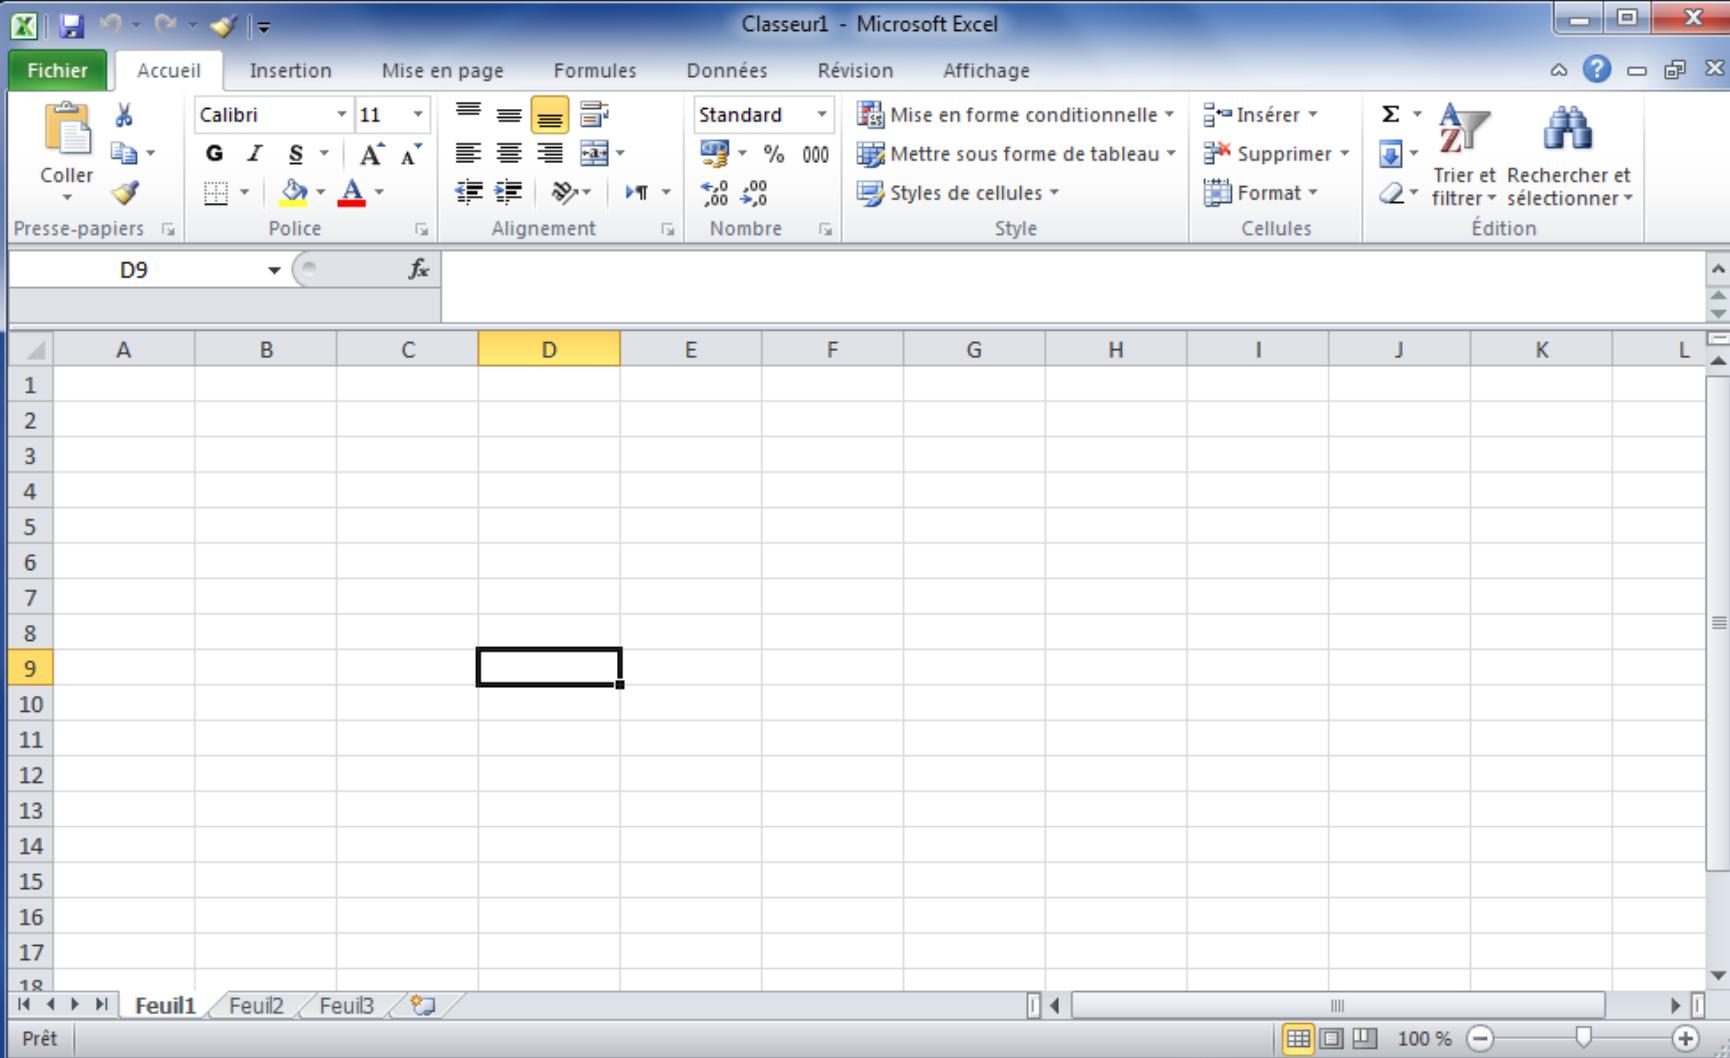 L'interface de Microsoft Excel